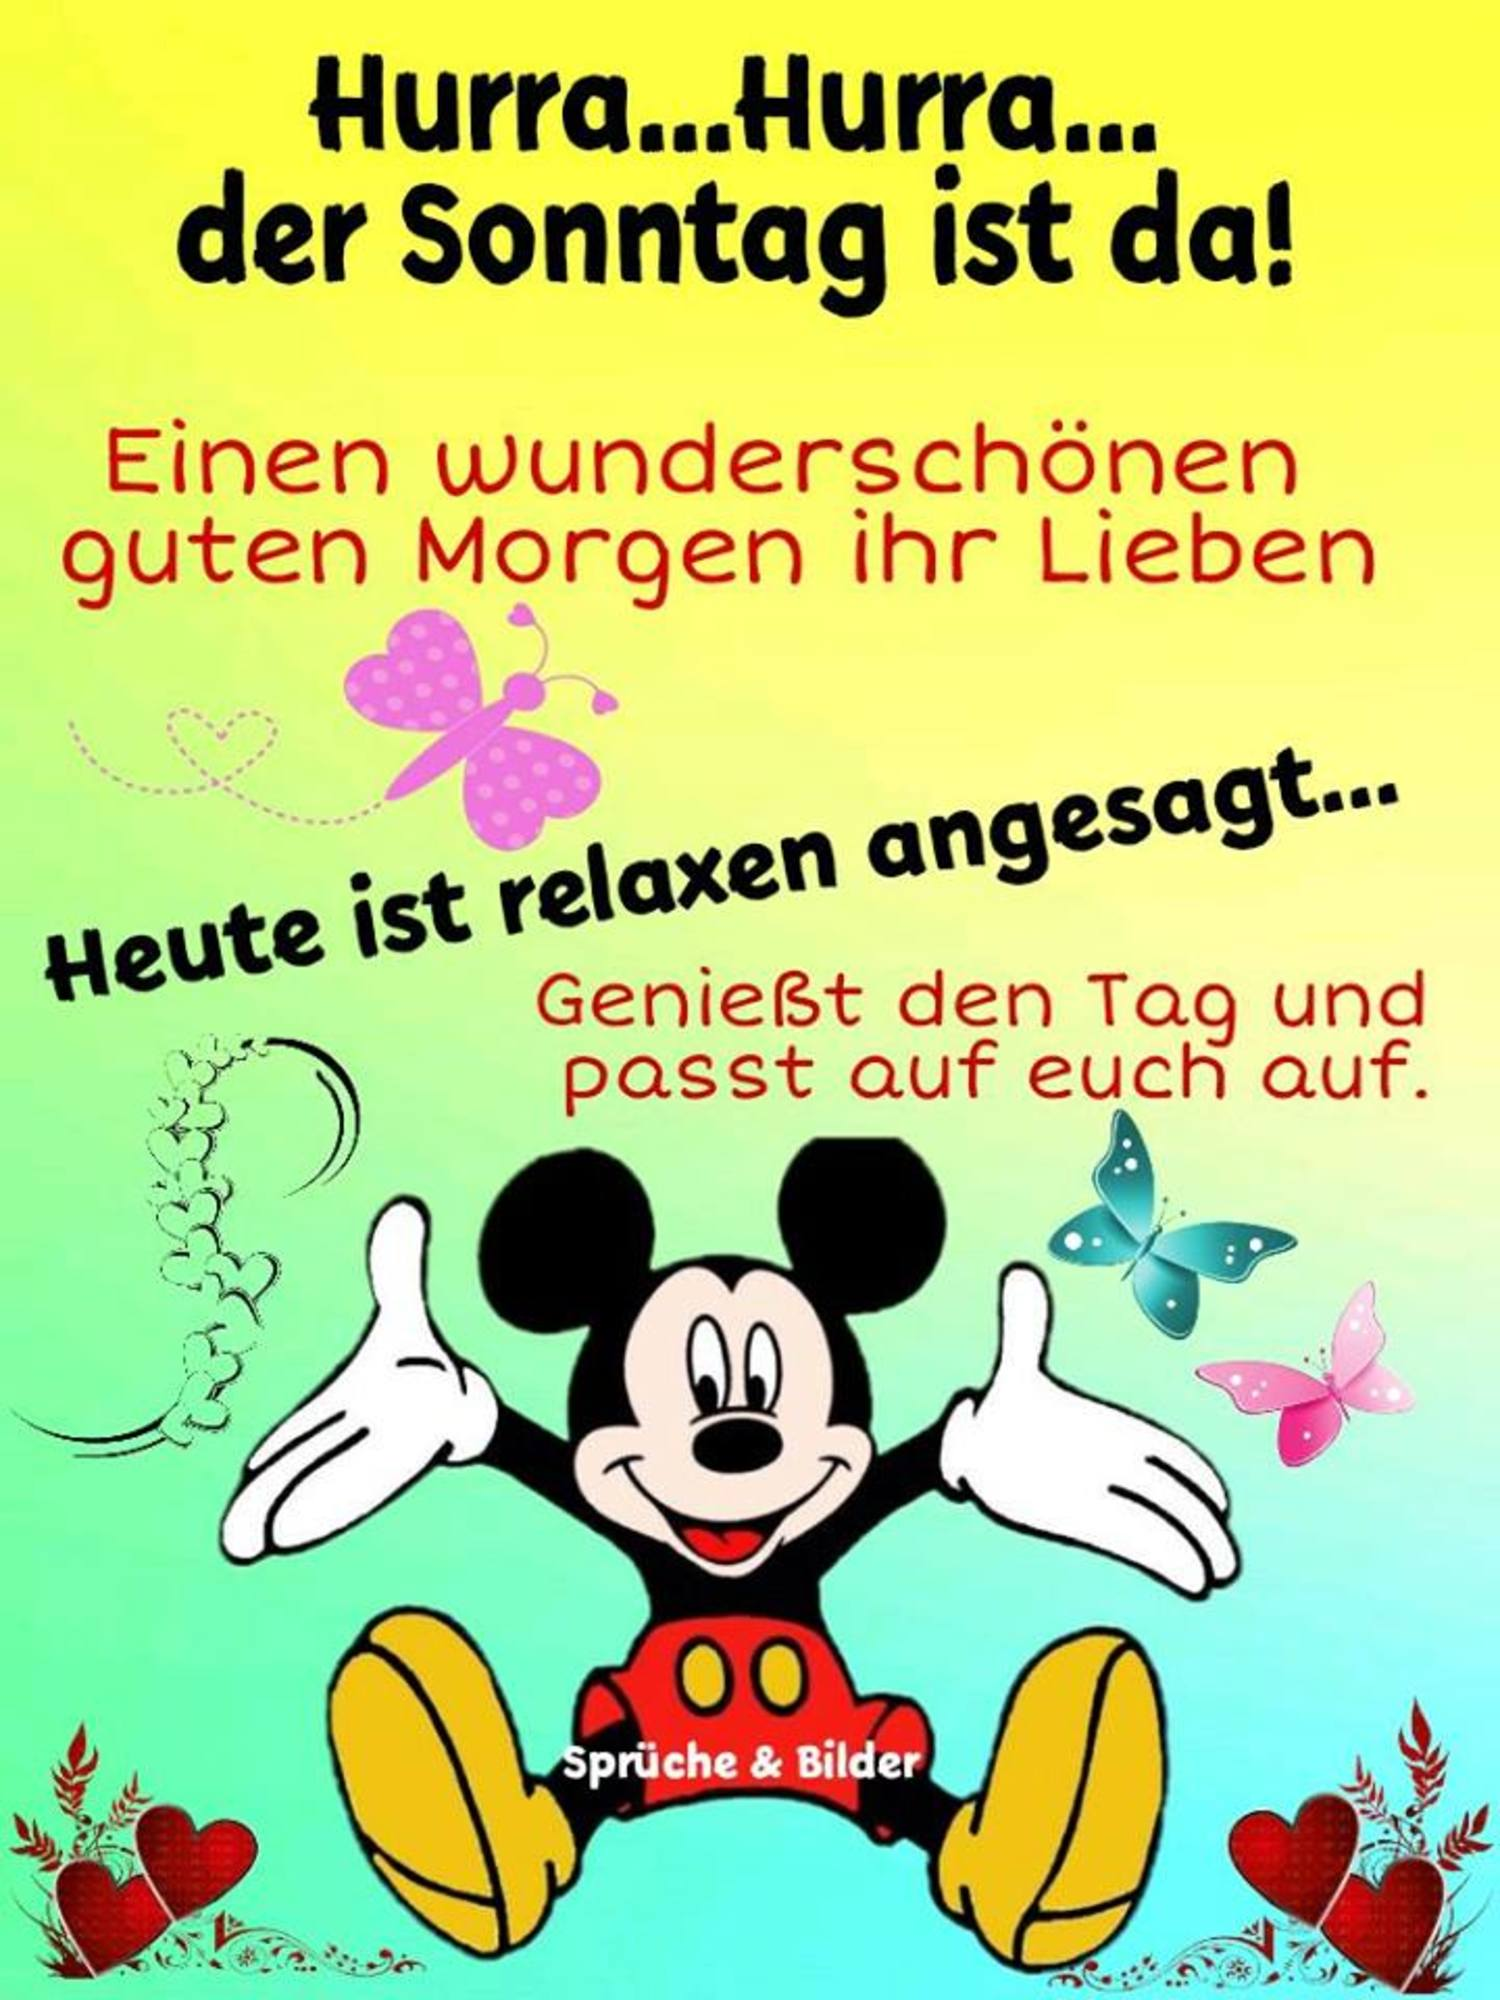 Gluckwunsche Geburtstagskarte 53 Geburtstag Mit Torte